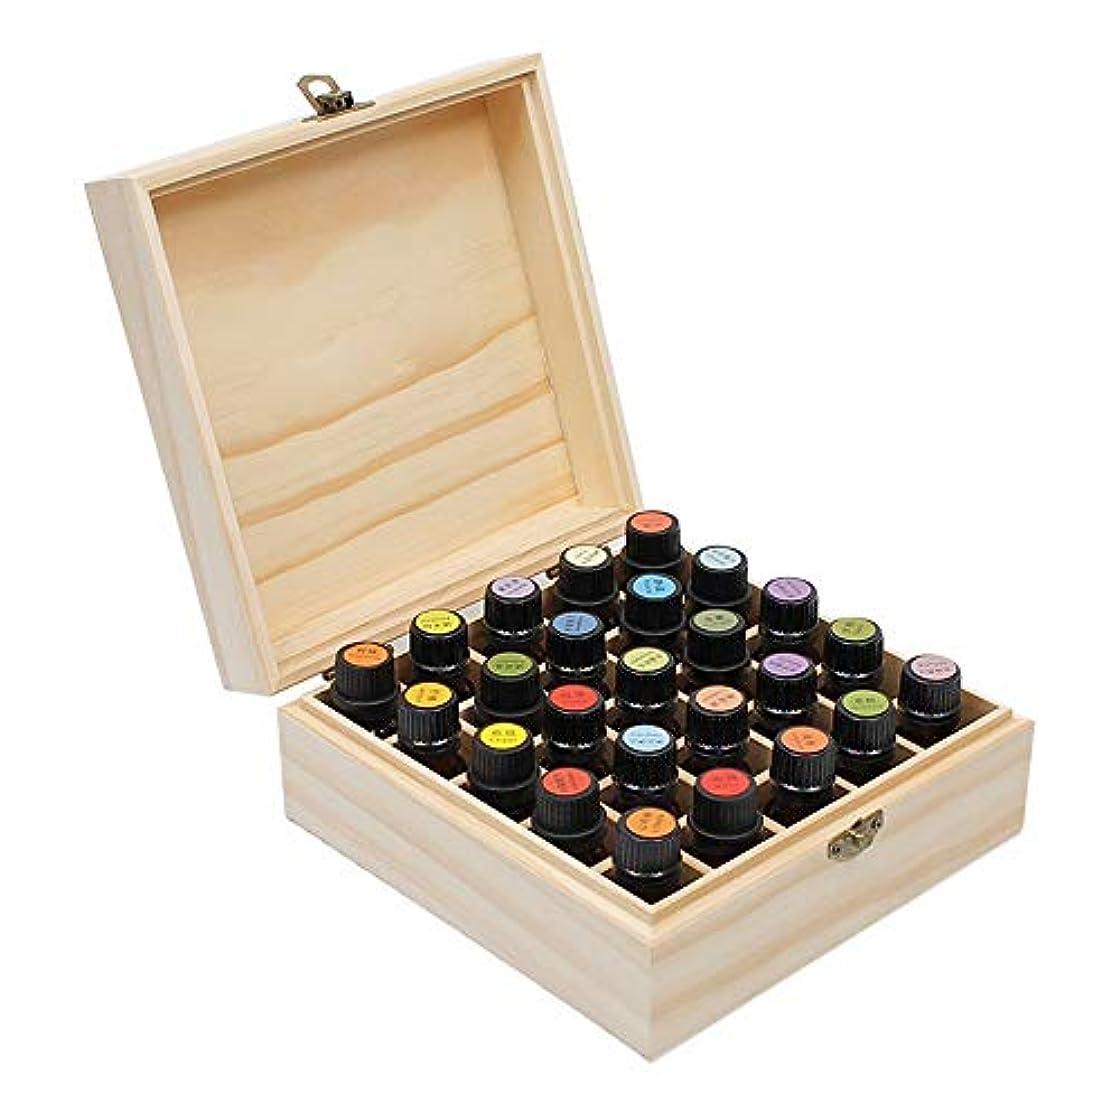 下にお金魅了する25搬送するためのスロットエッセンシャルオイルボックス木製収納ケースとホームストレージの表示 アロマセラピー製品 (色 : Natural, サイズ : 18.3X18.3X8.3CM)